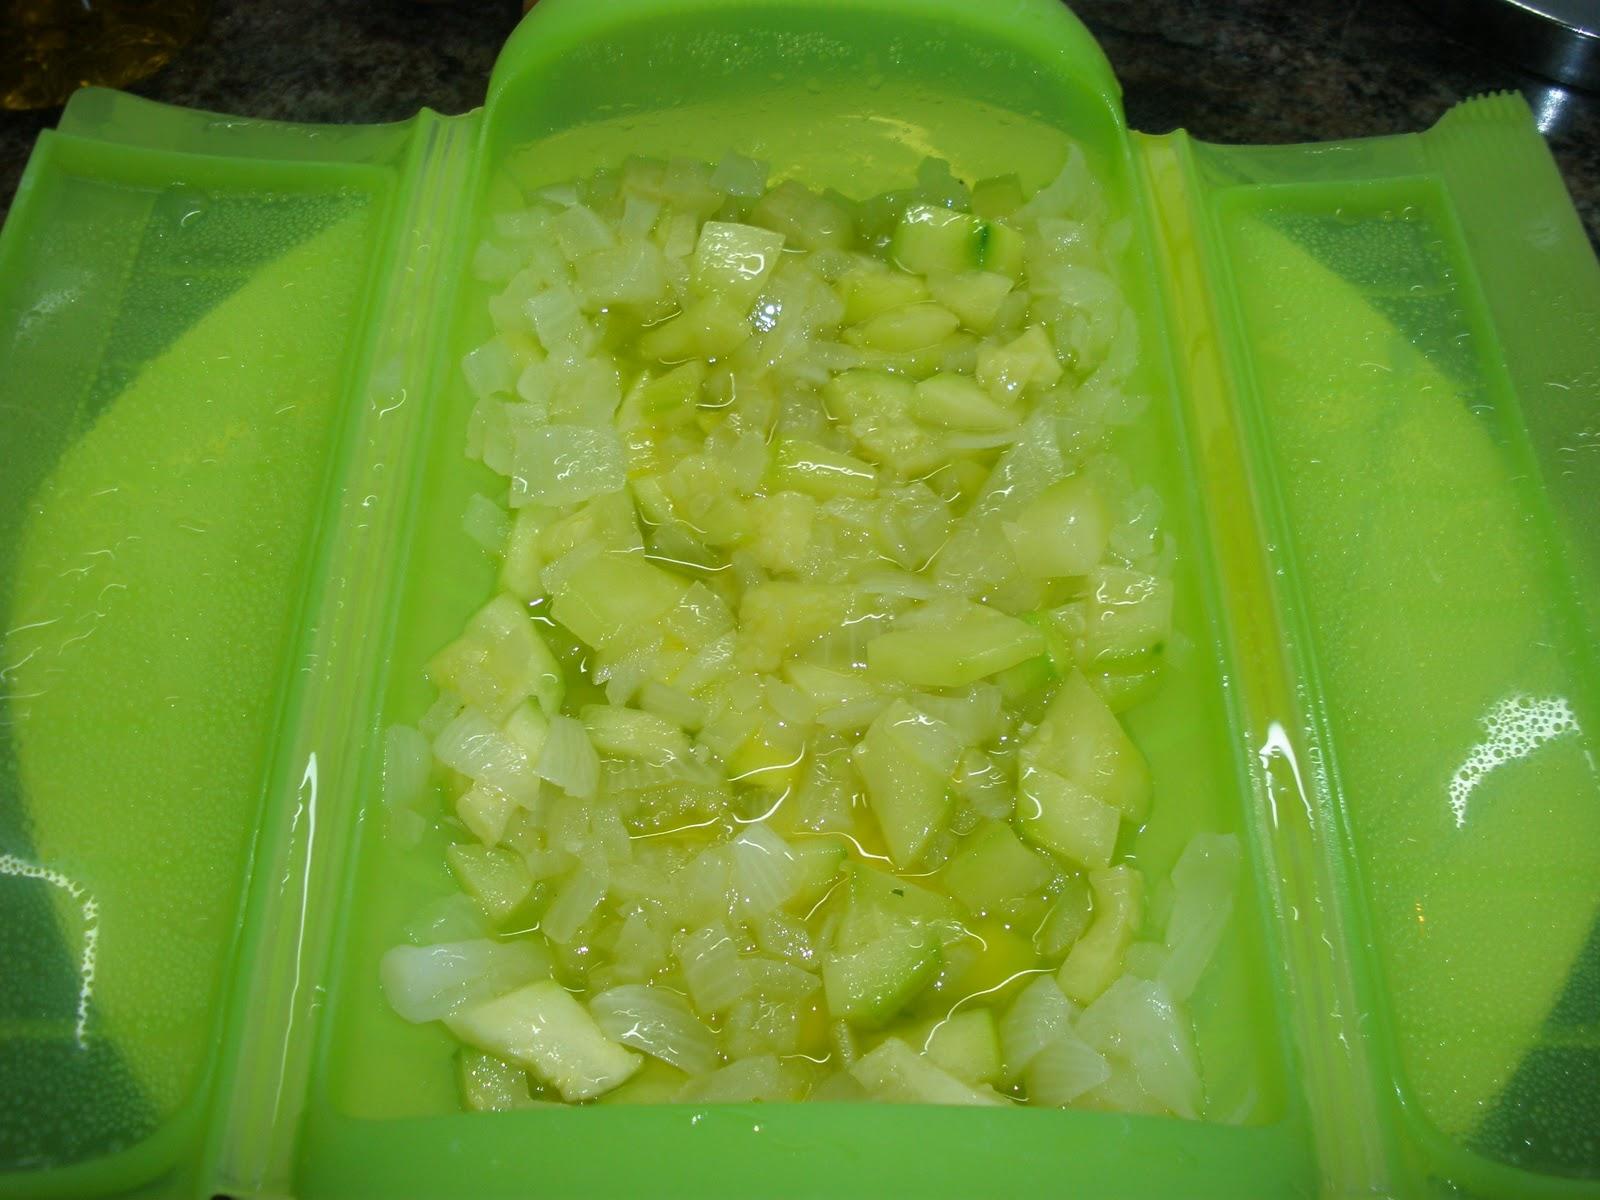 Las recetas de mauser tortilla de calabacin y cebolla en - Tortilla de calabacin y cebolla ...